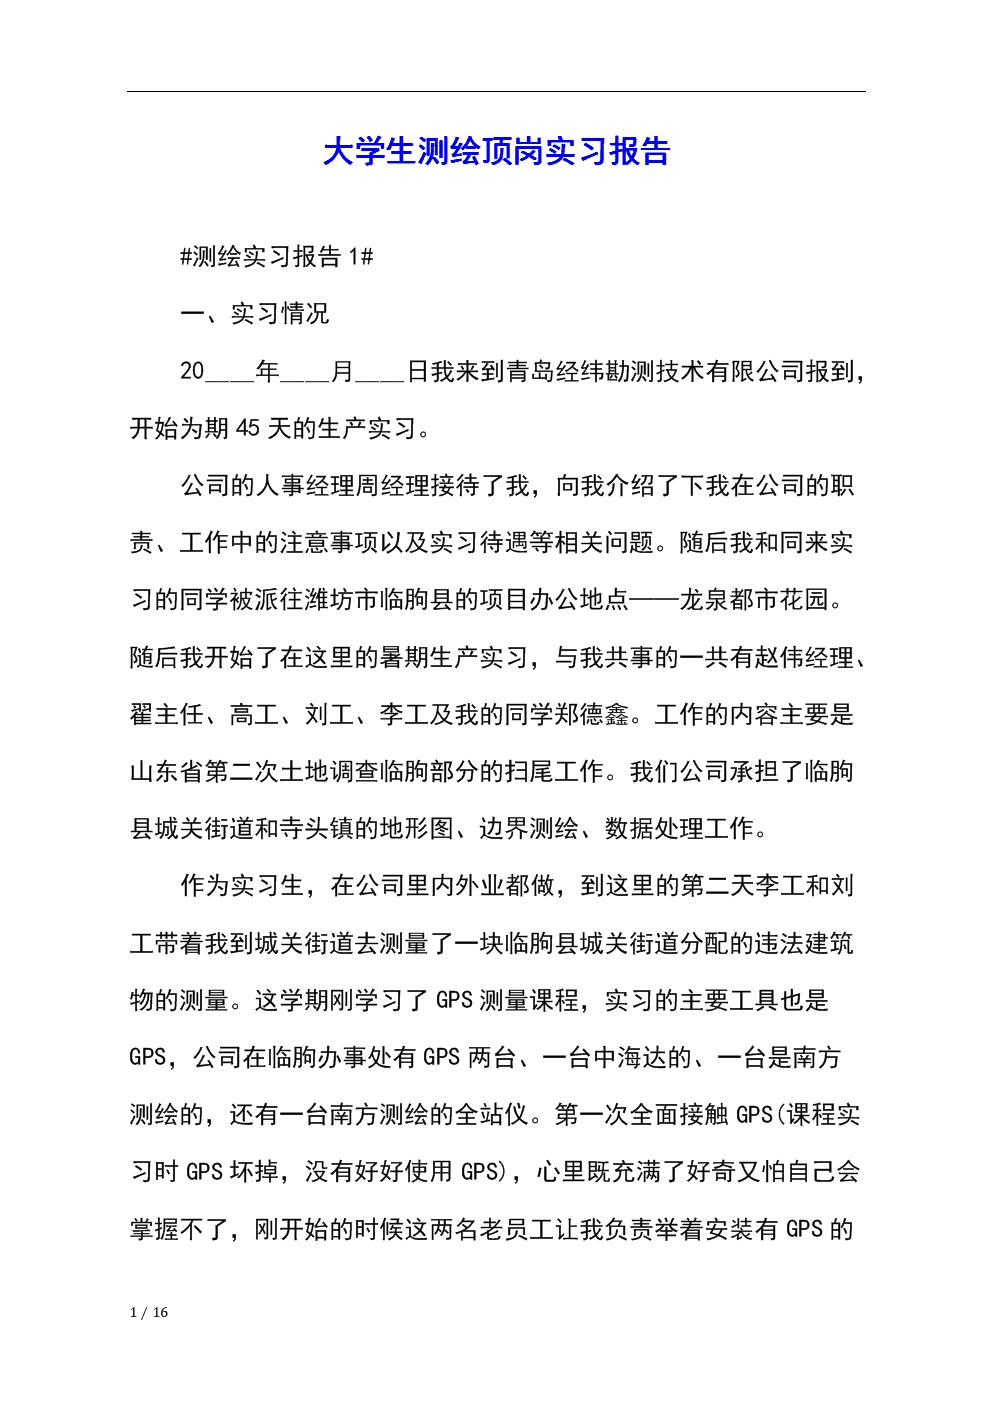 大学生测绘顶岗实习报告.docx